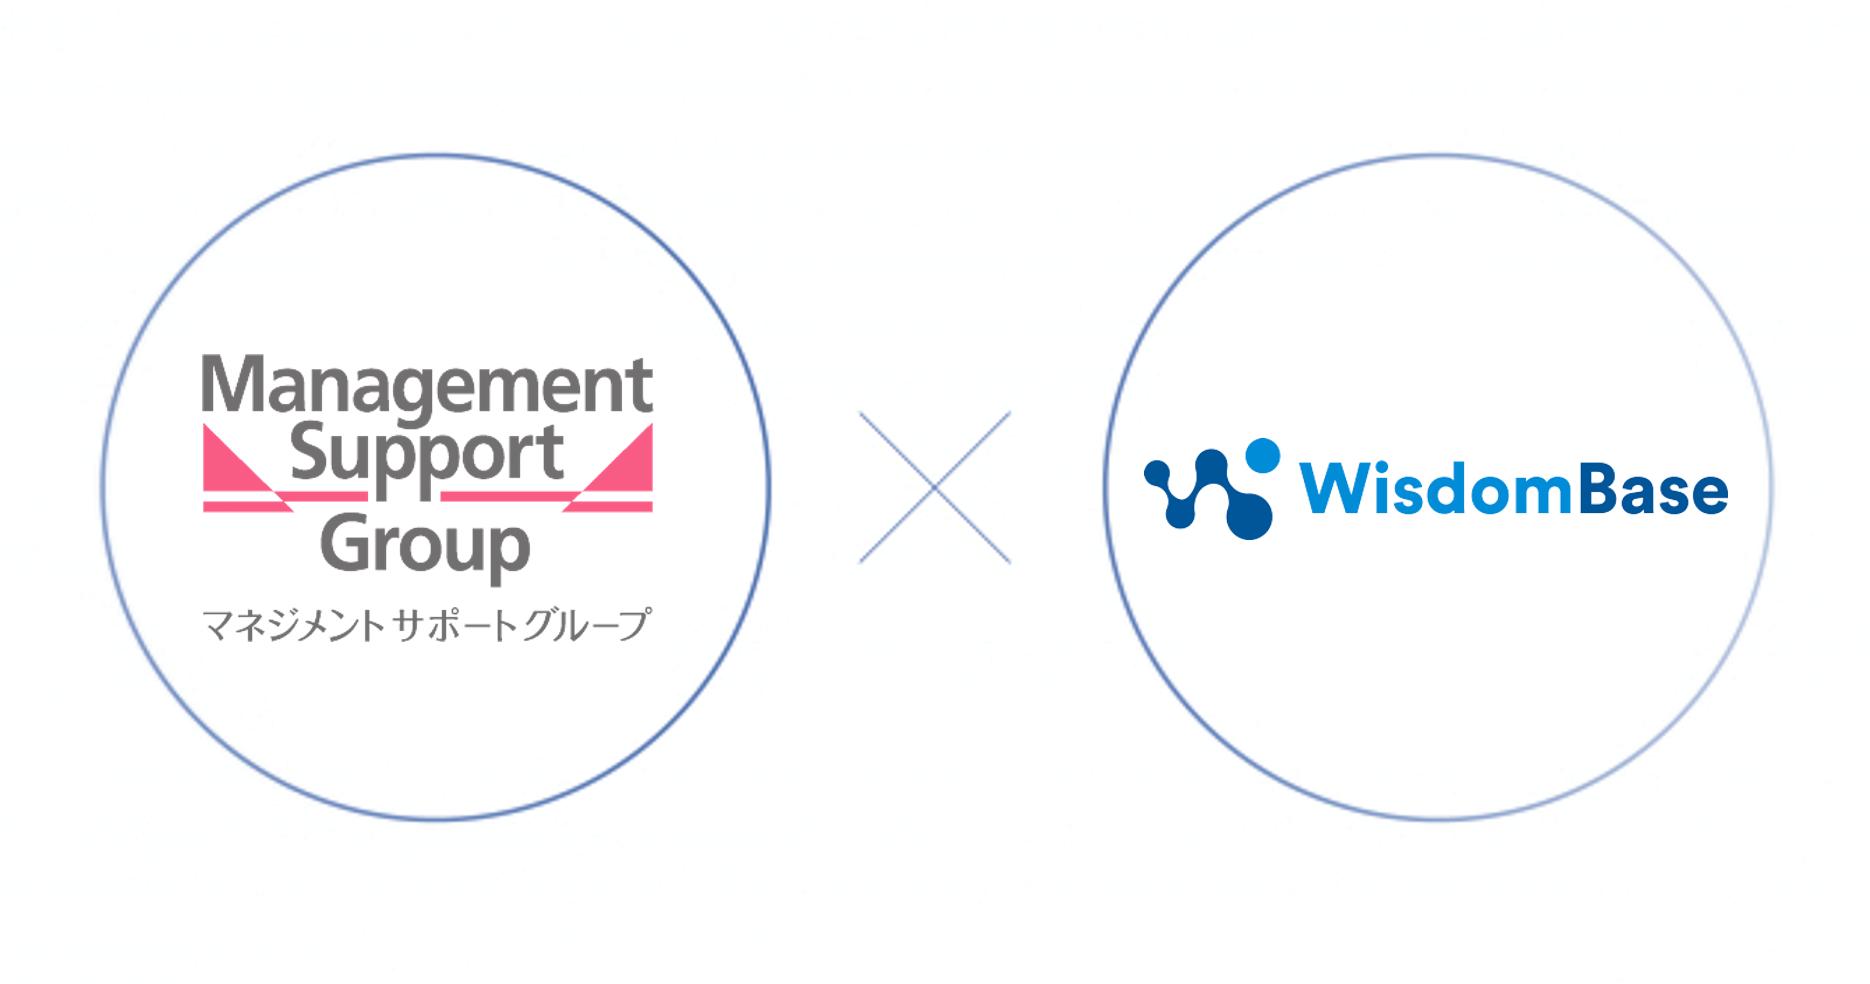 マネジメントサポートグループとWisdomBaseのロゴを並べた画像